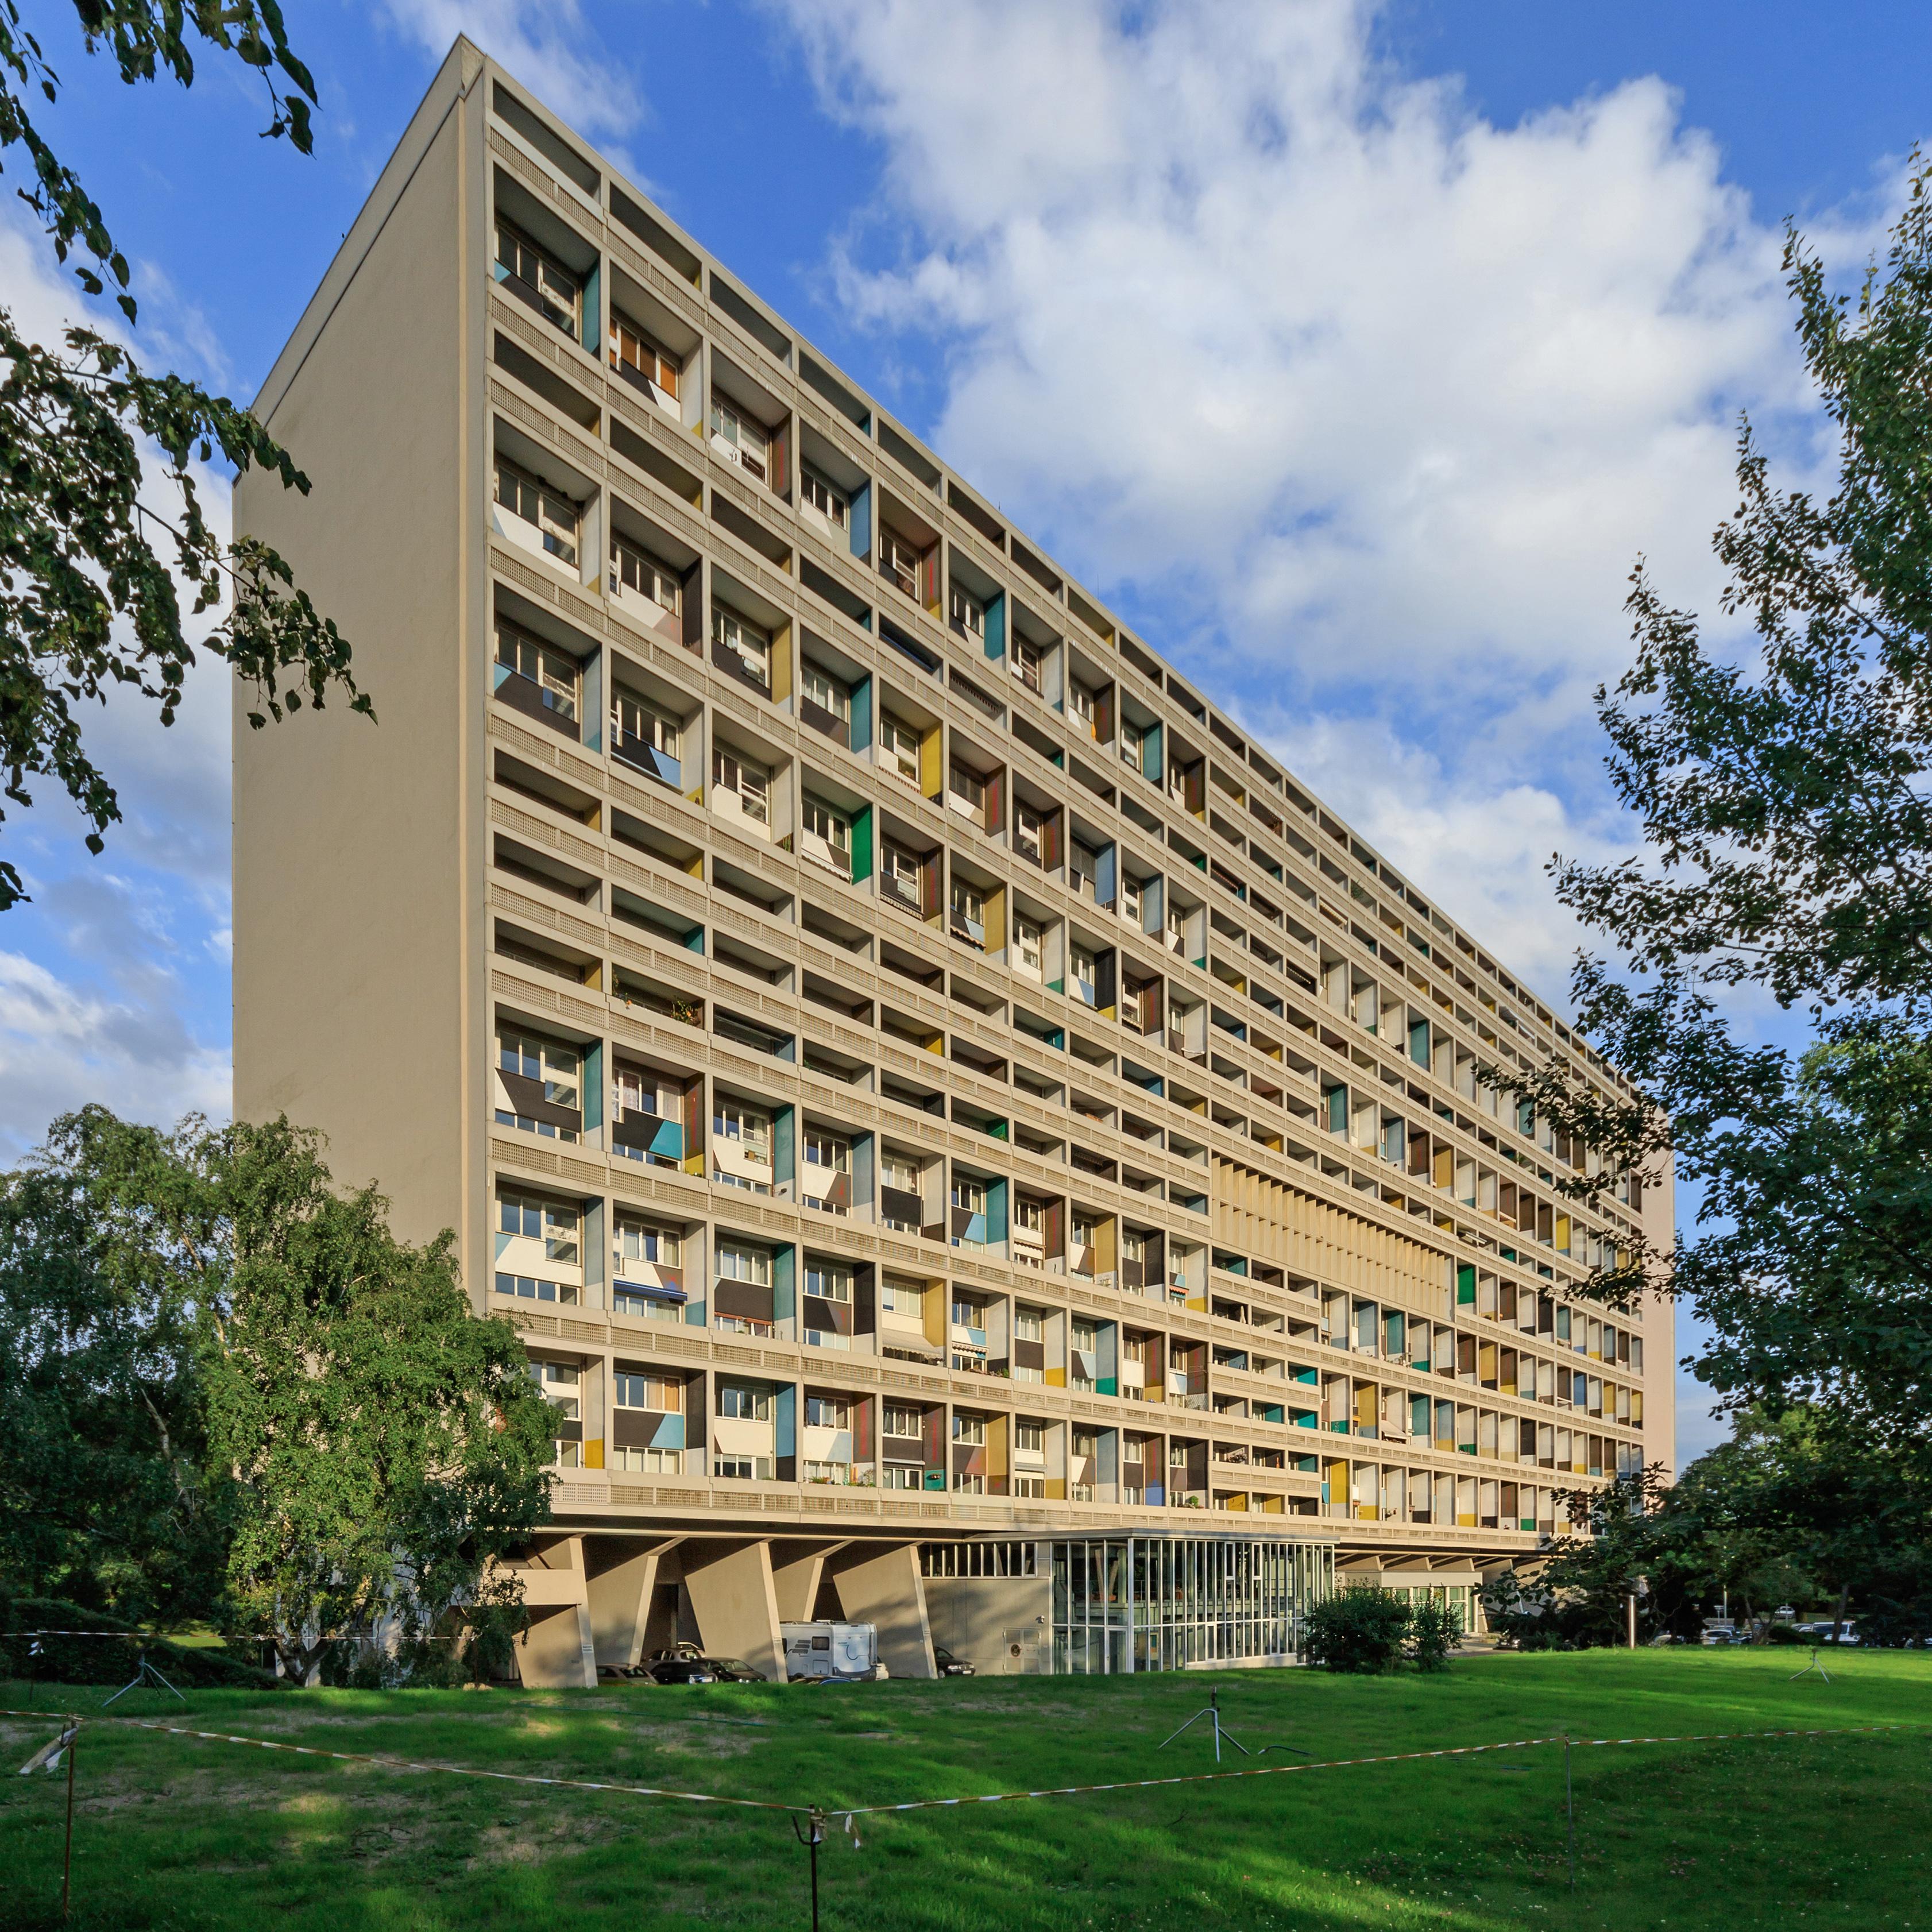 Le Corbusier Unite D Habitation unité d'habitation of berlin - wikipedia